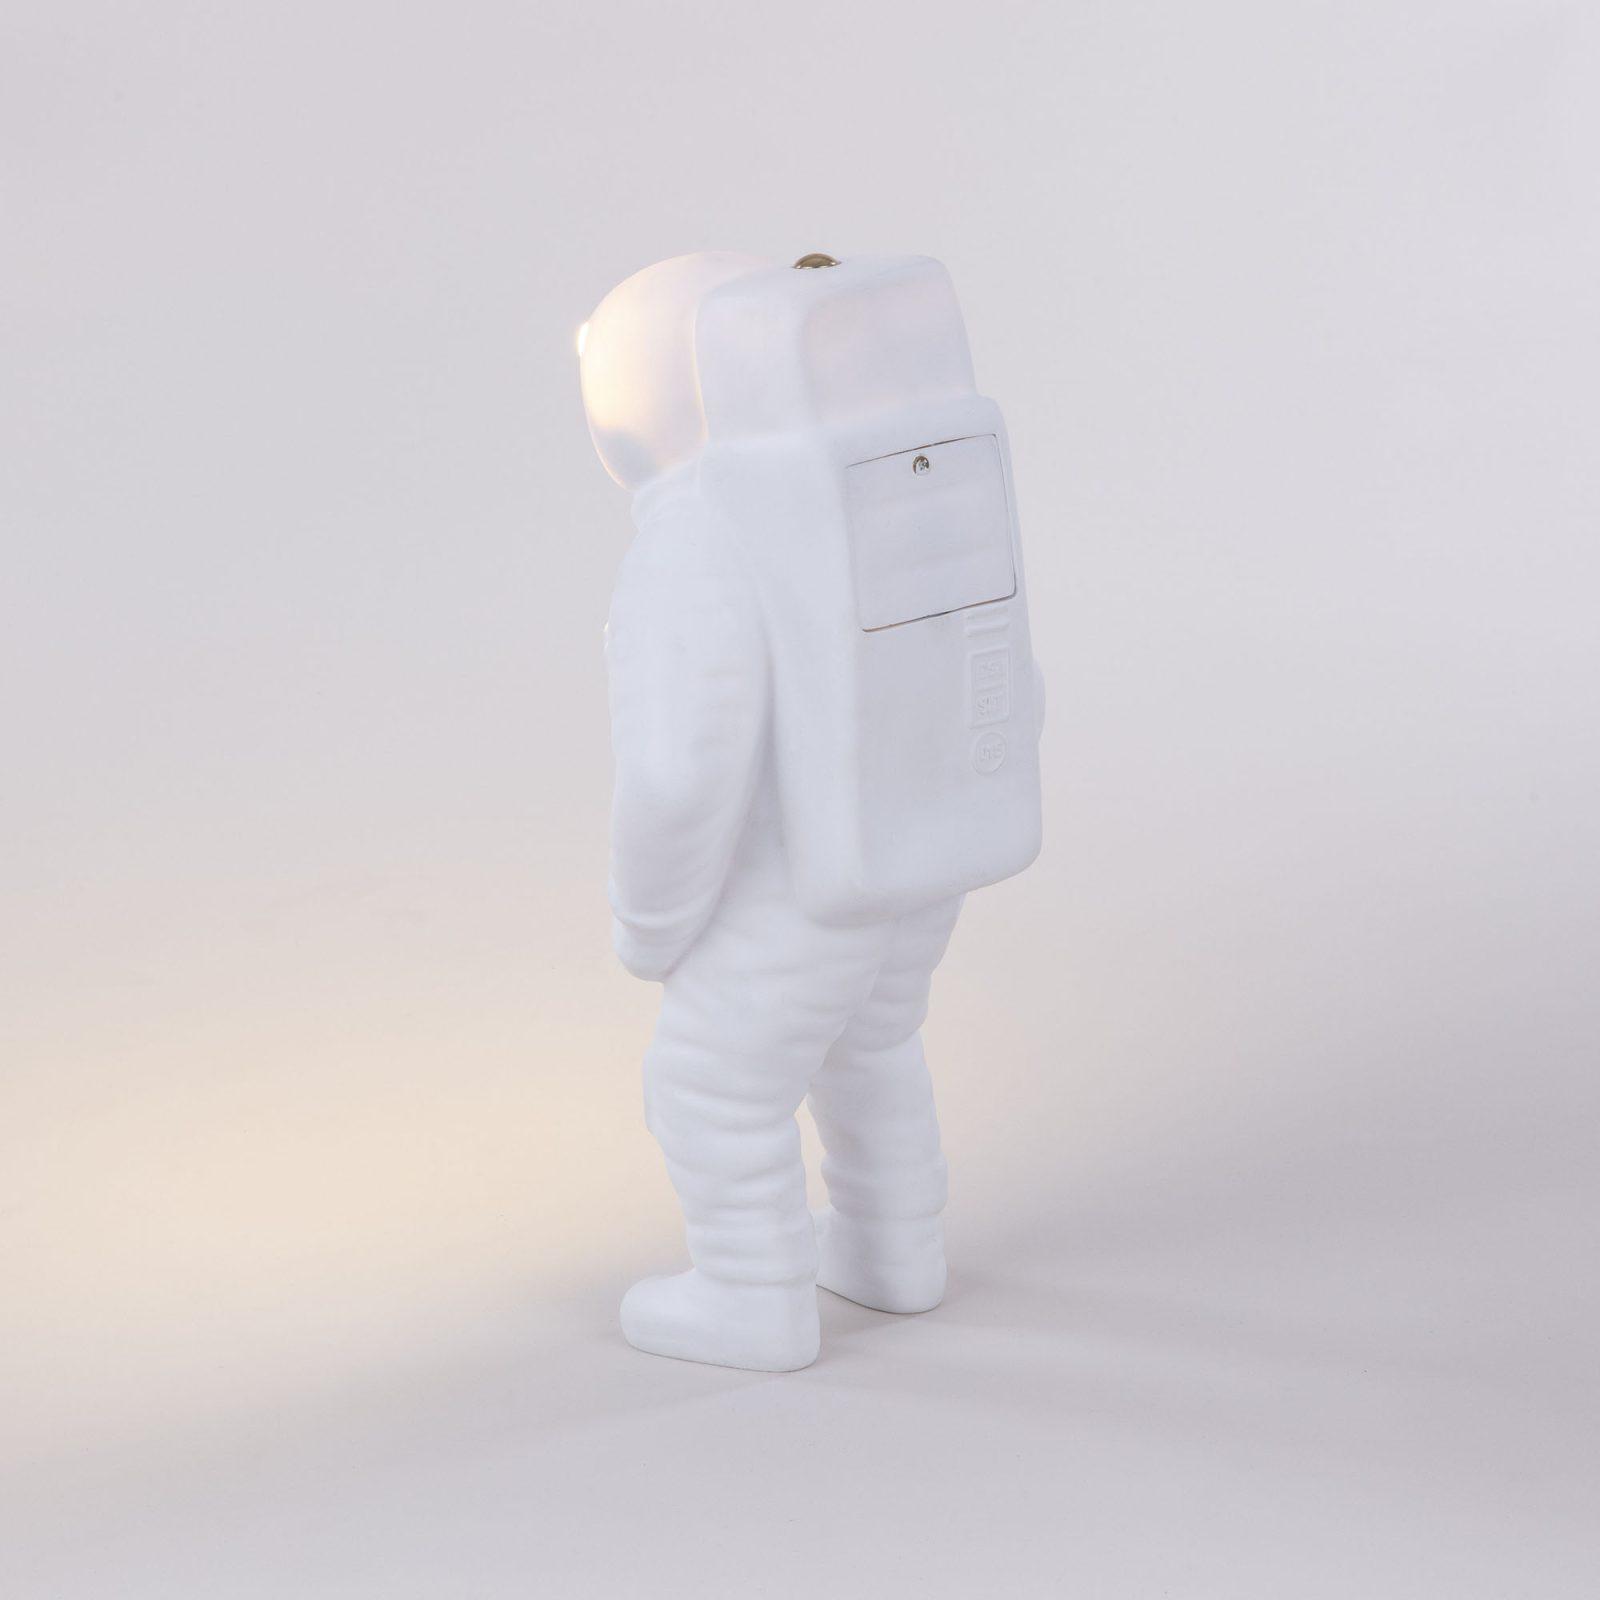 sletti-flashing-starman-light-2